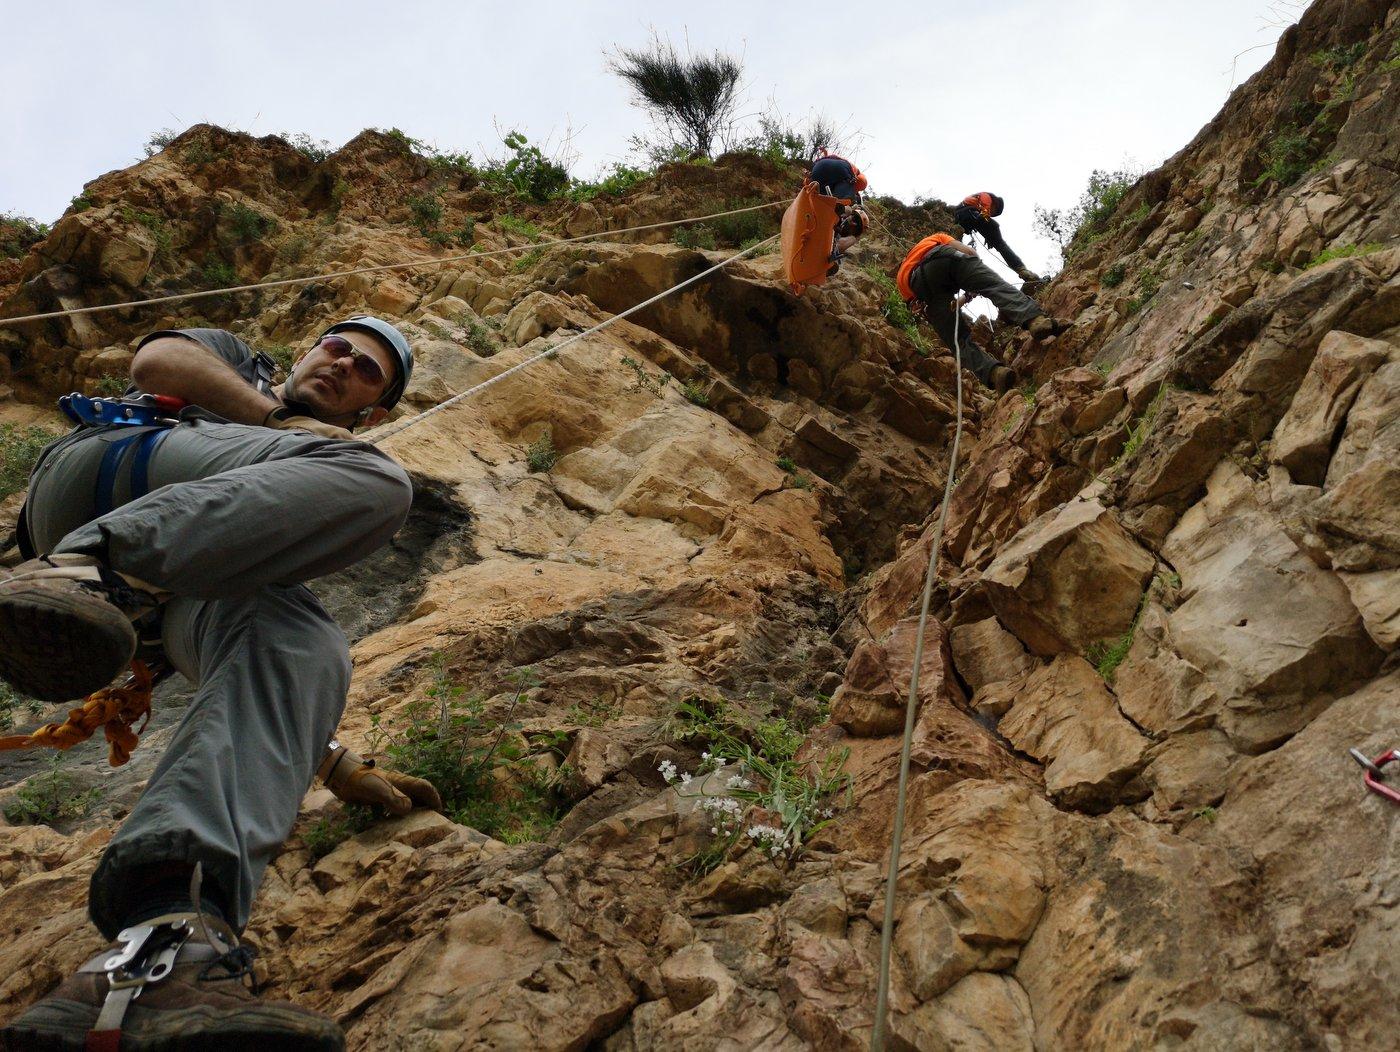 חילוץ ממערות